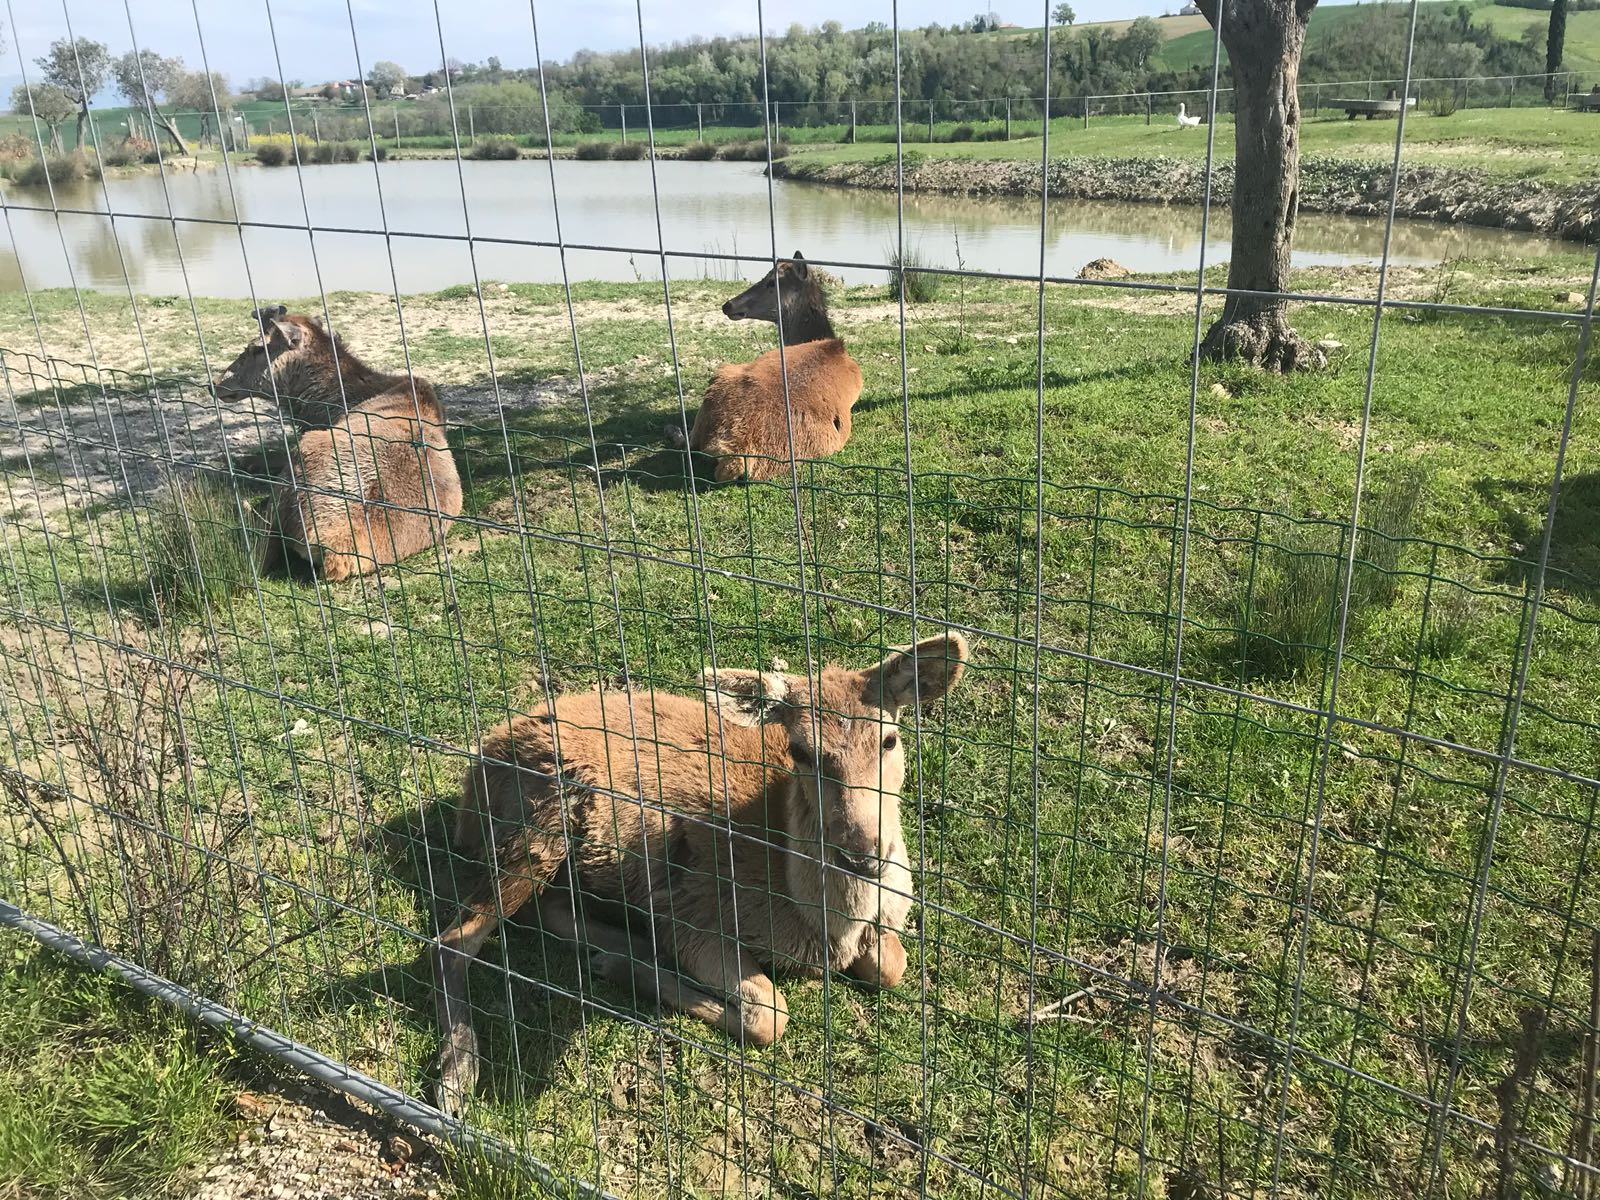 Parco con animali da vedere con bambini in Umbria